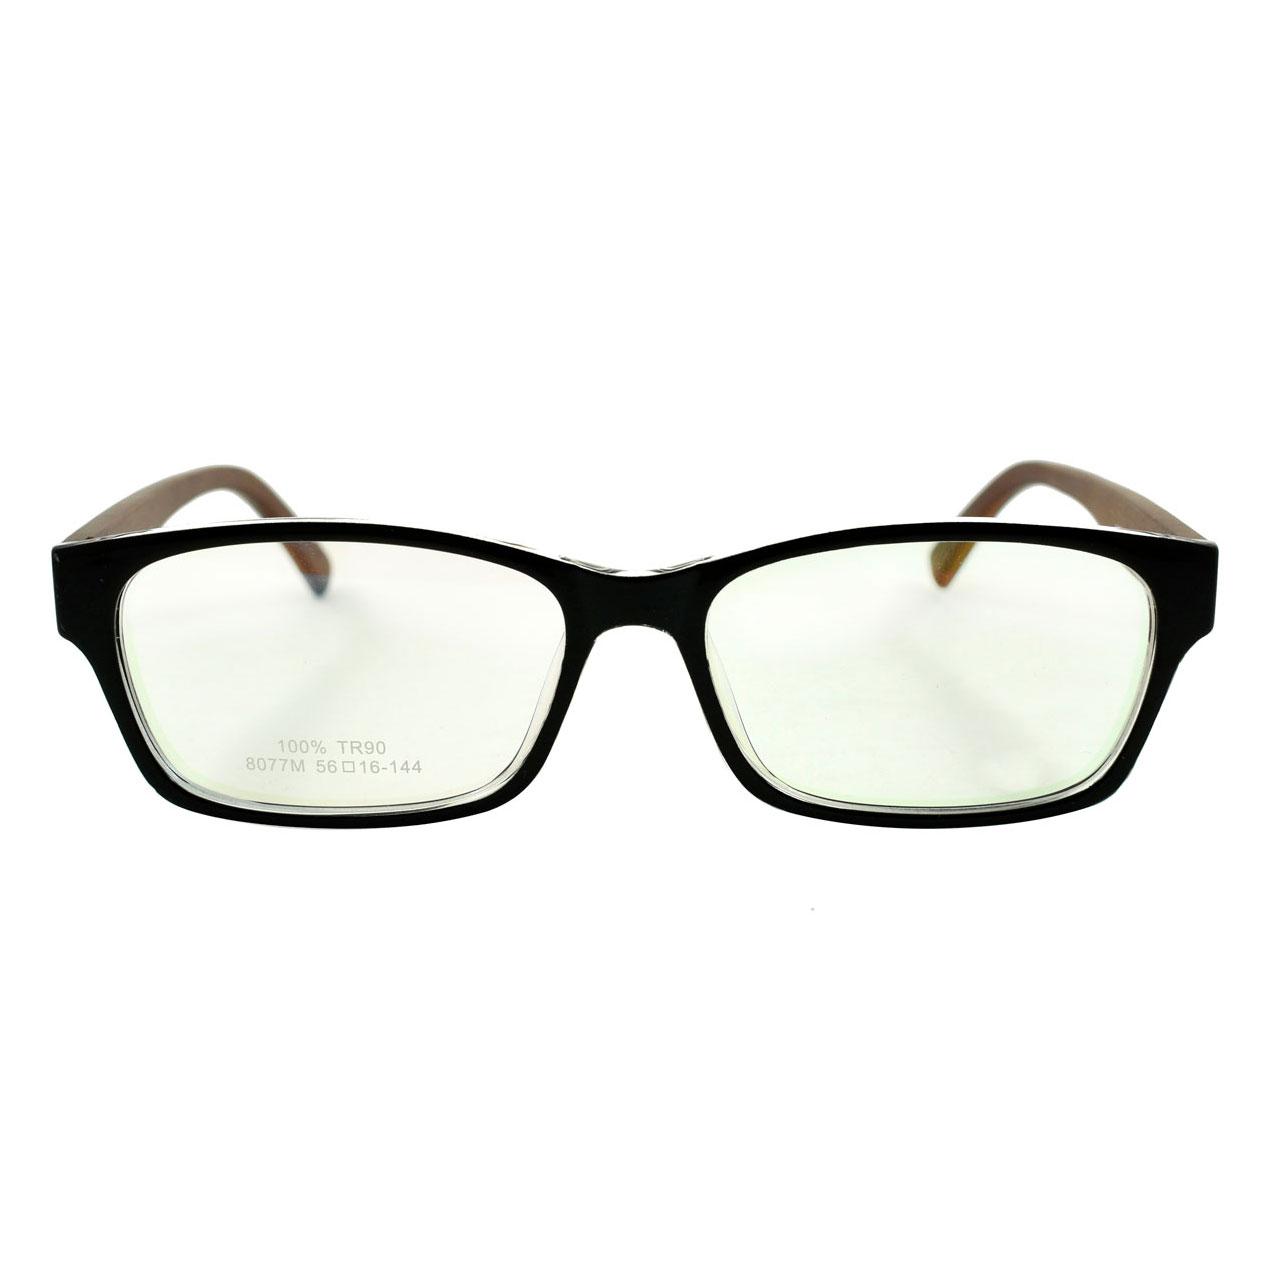 قیمت فریم عینک طبی مدل Tr90 Wooden Transparent Edge